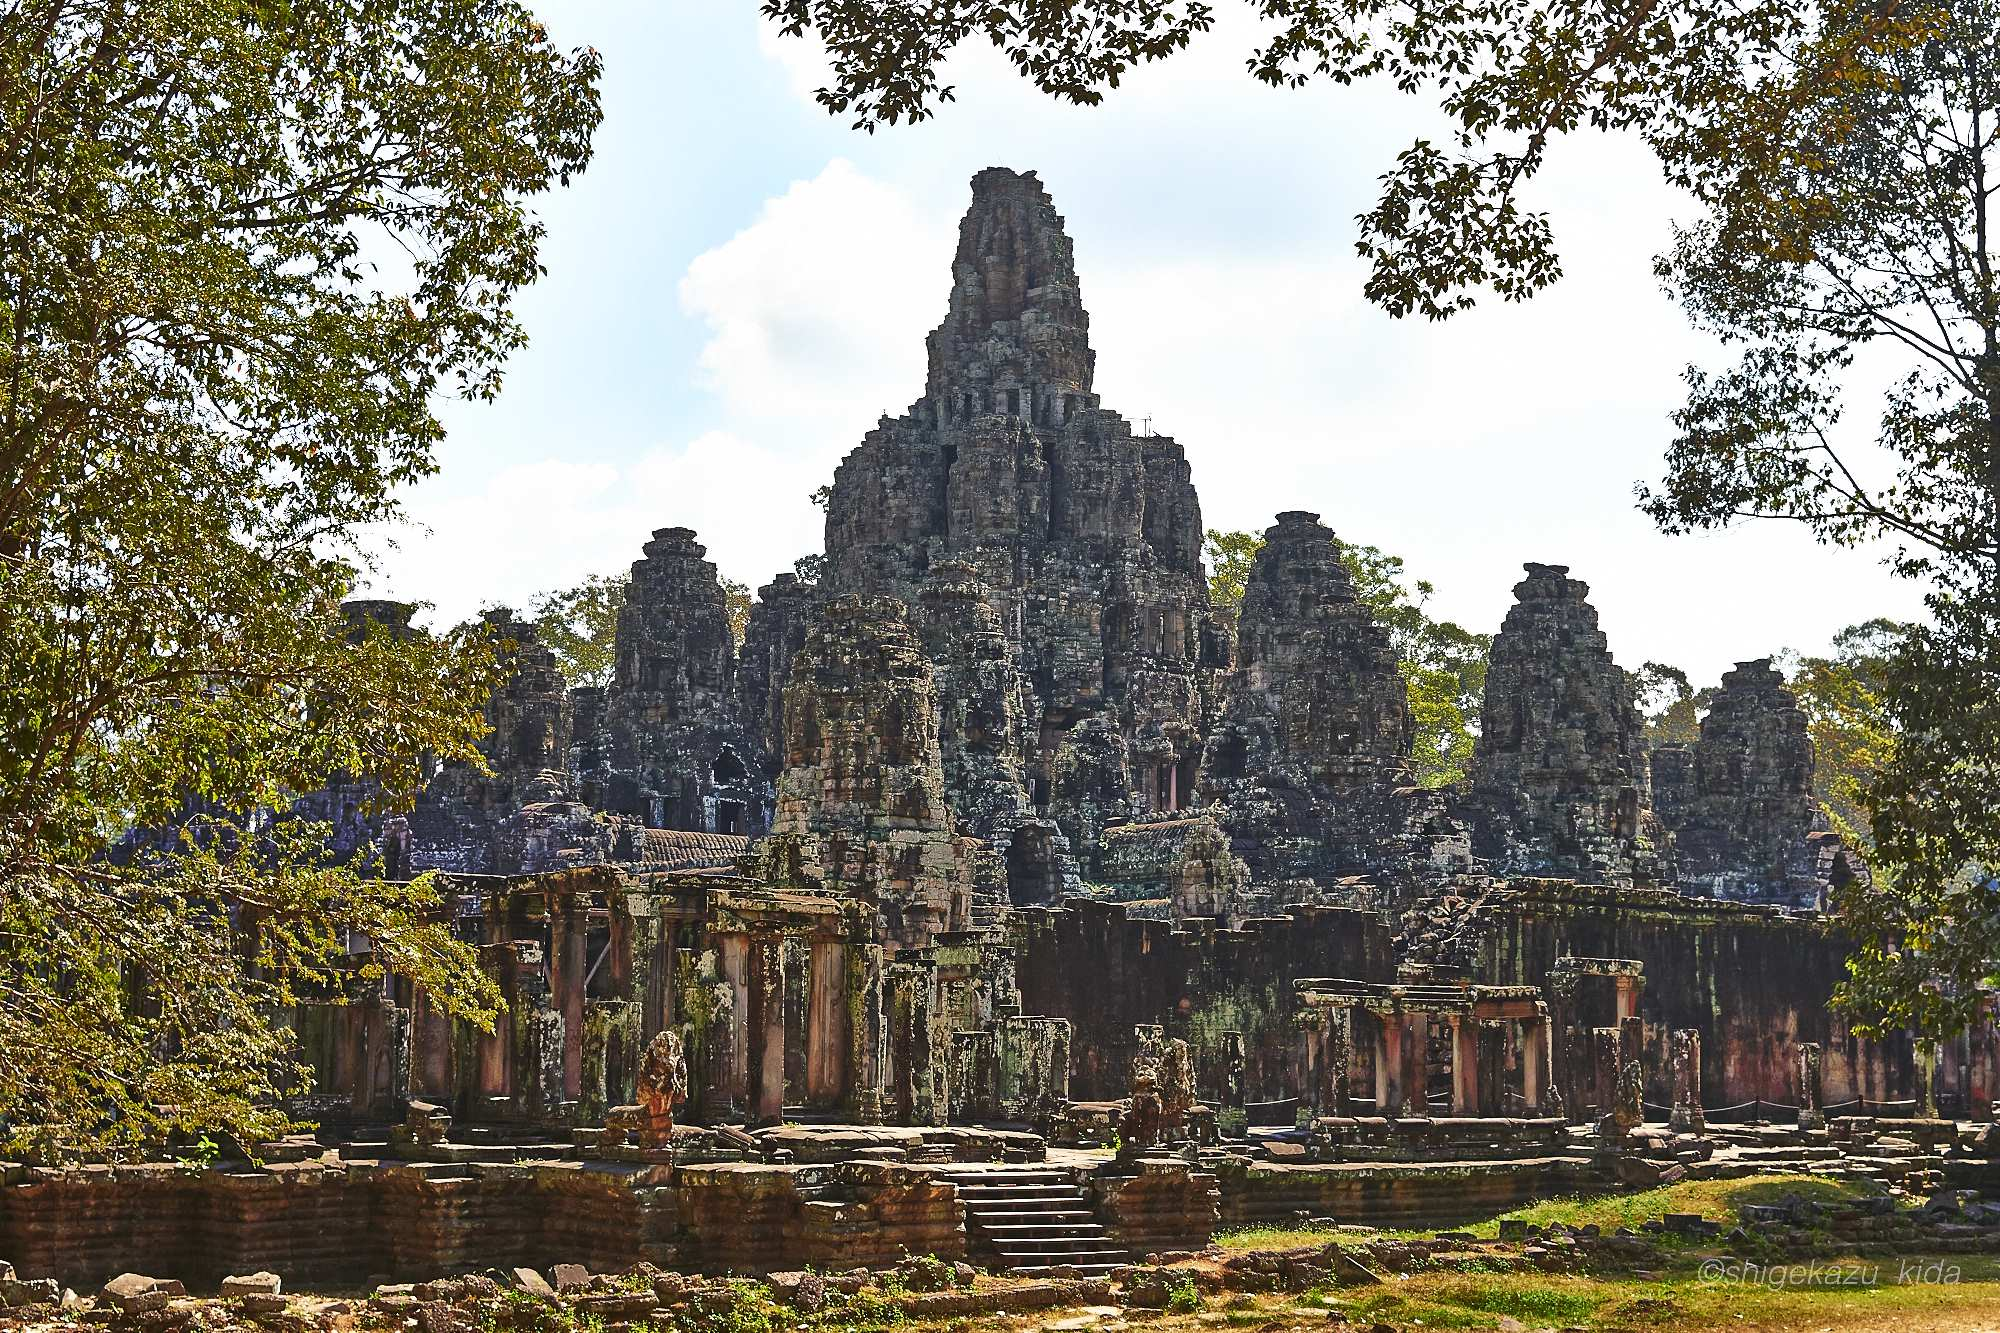 Angkor(アンコール)遺跡群にあるAngkorThom(アンコール・トム)のBayon(バイヨン)